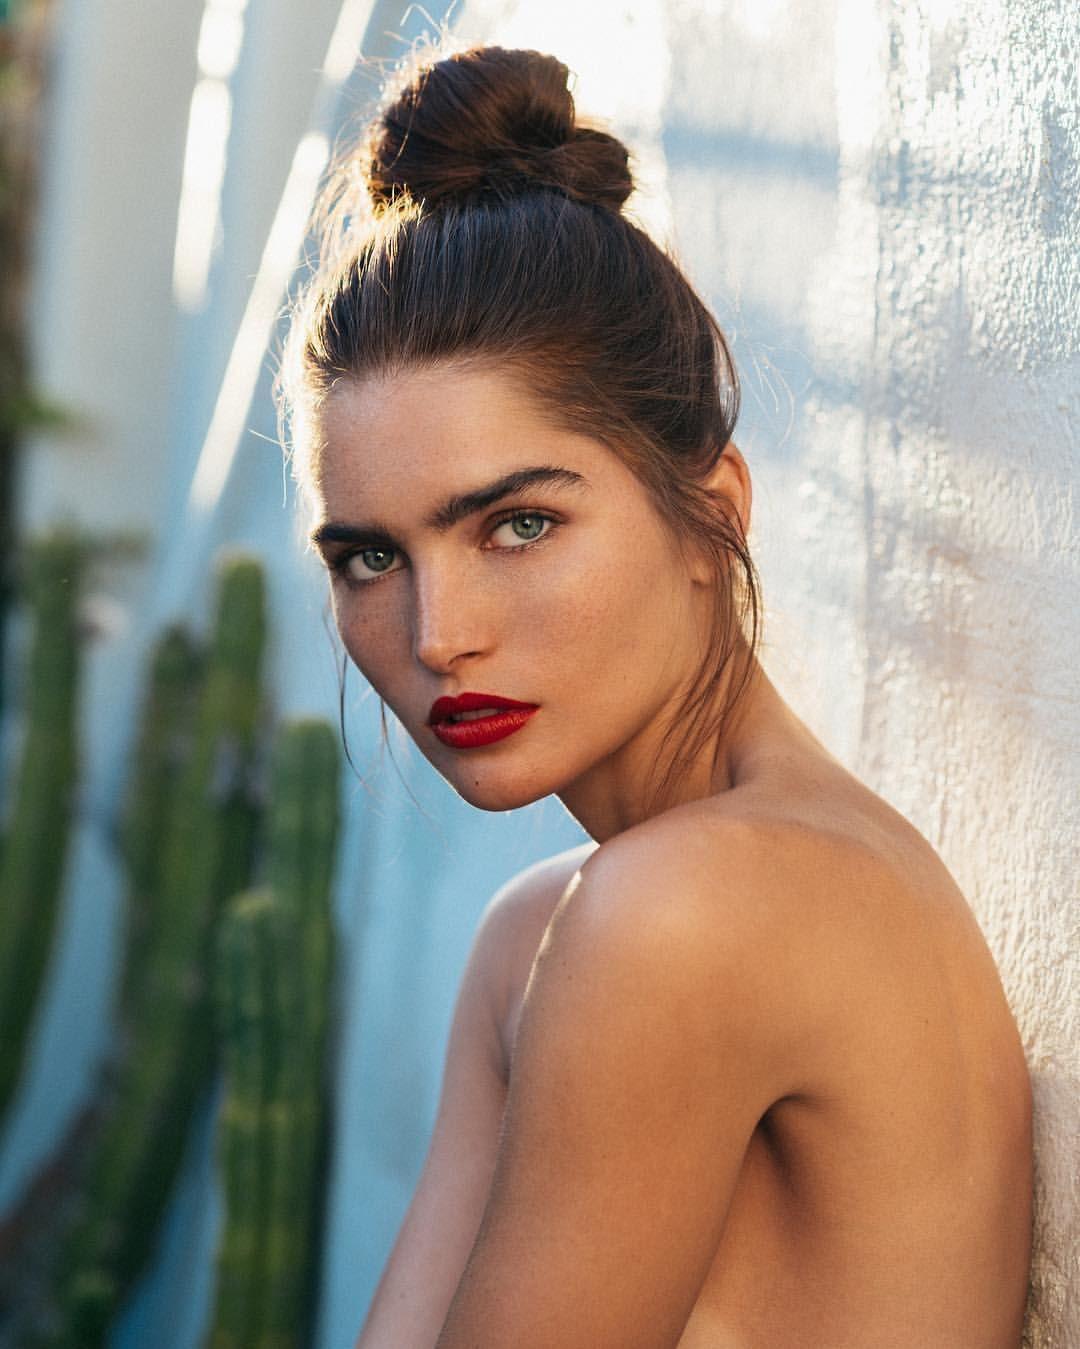 Images Samantha DiGiacomo nude (43 photo), Pussy, Hot, Boobs, braless 2019